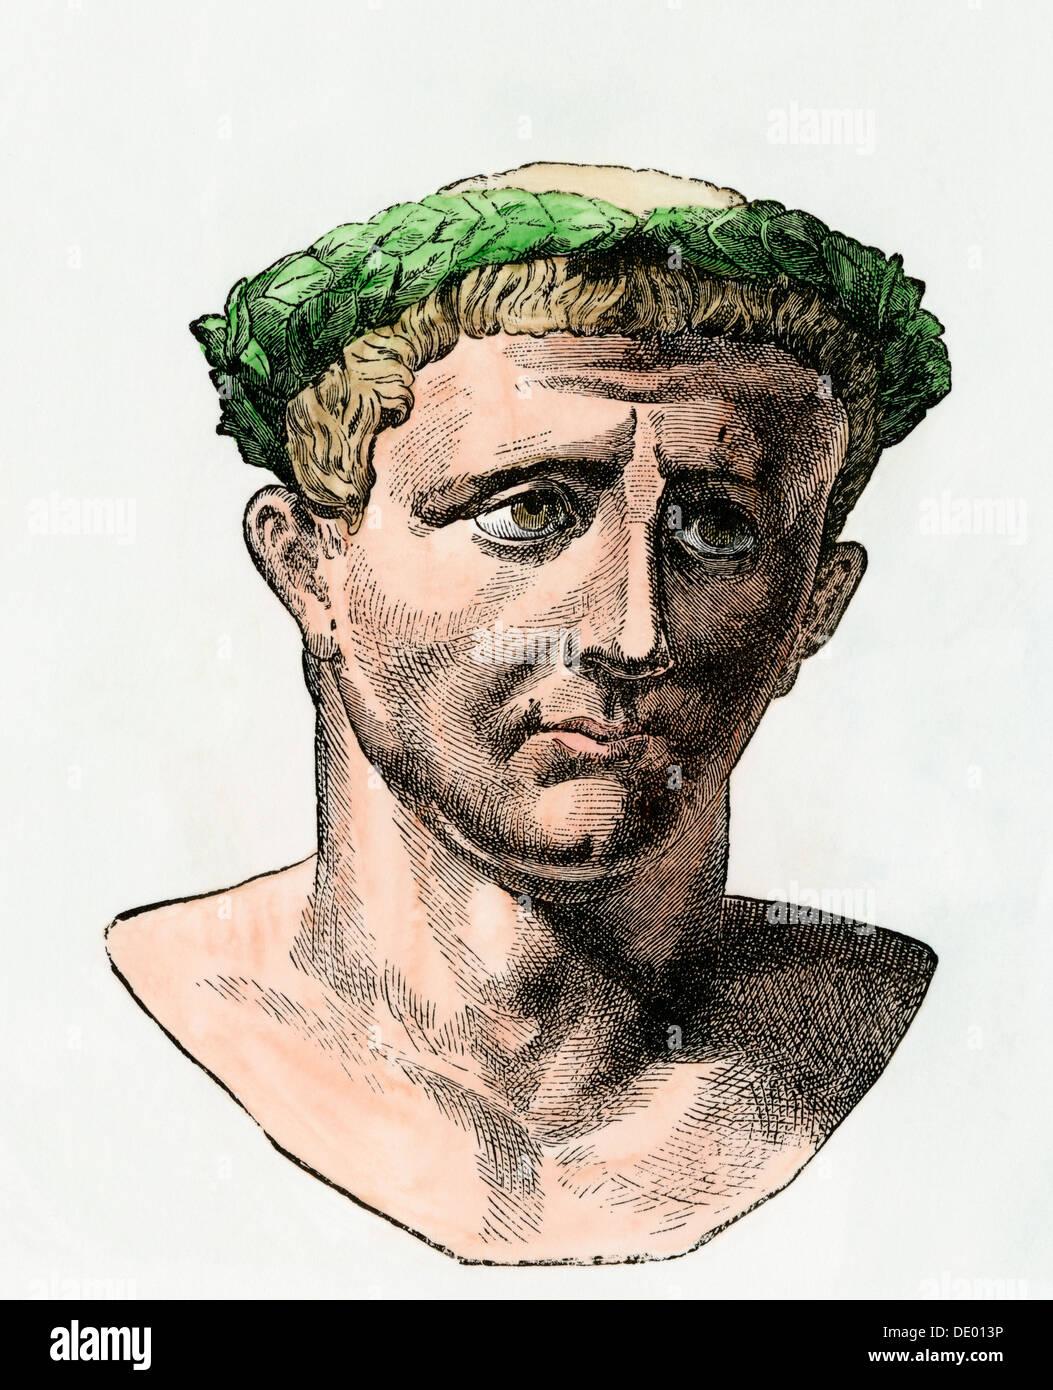 Empereur romain Claude I. à la main, gravure sur bois Photo Stock